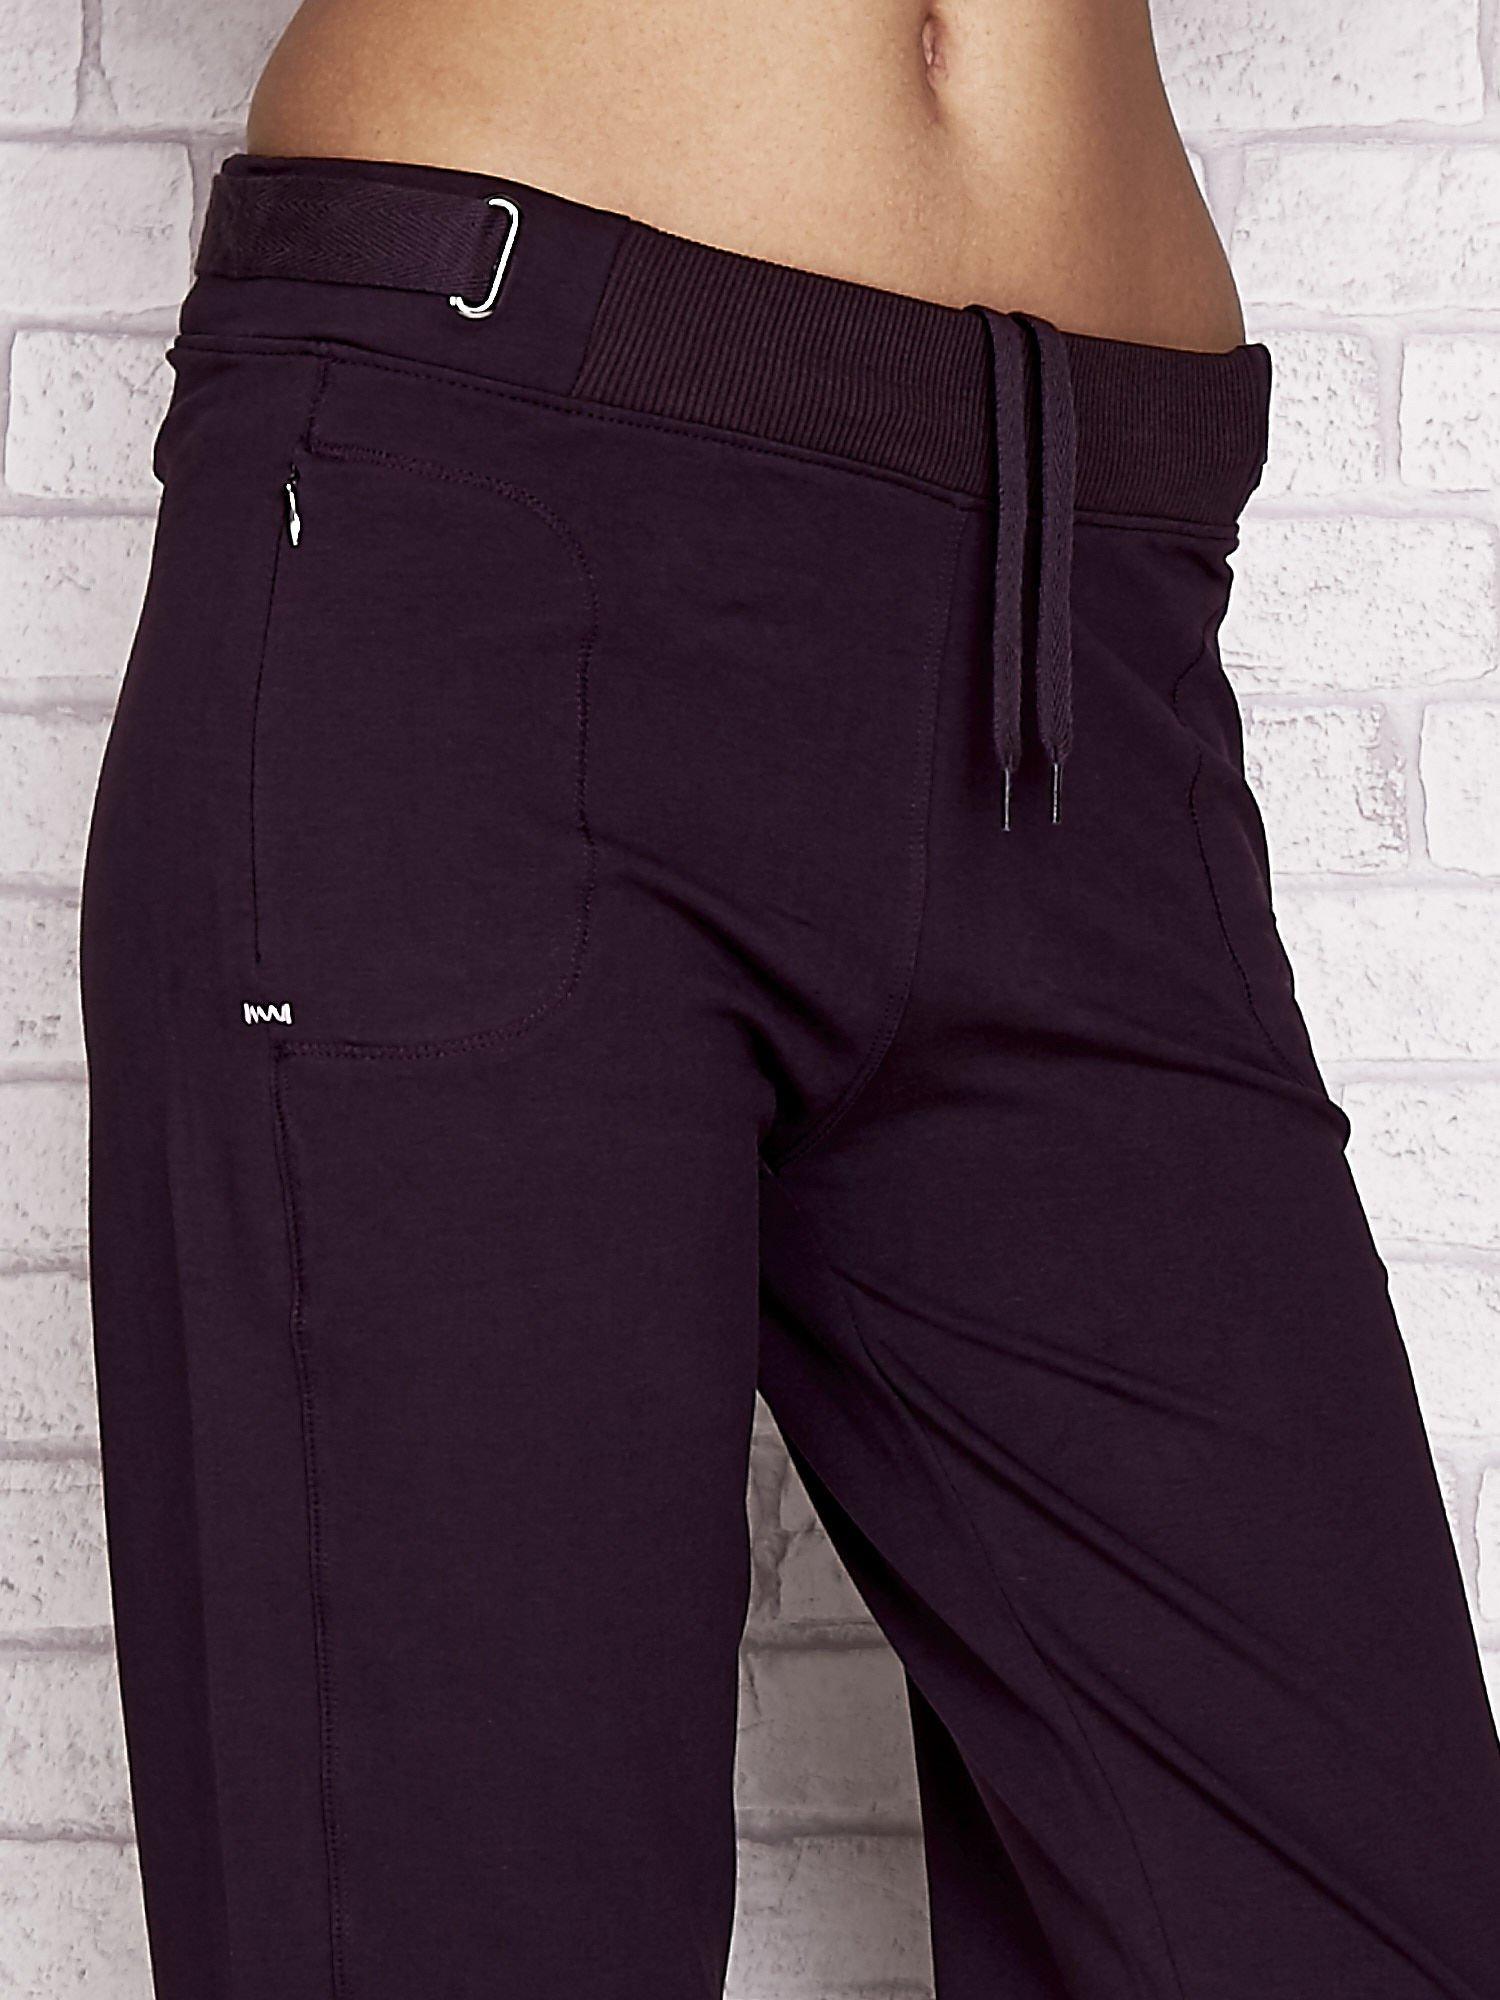 Ciemnofioletowe spodnie dresowe capri z wszytymi kieszeniami                                  zdj.                                  4